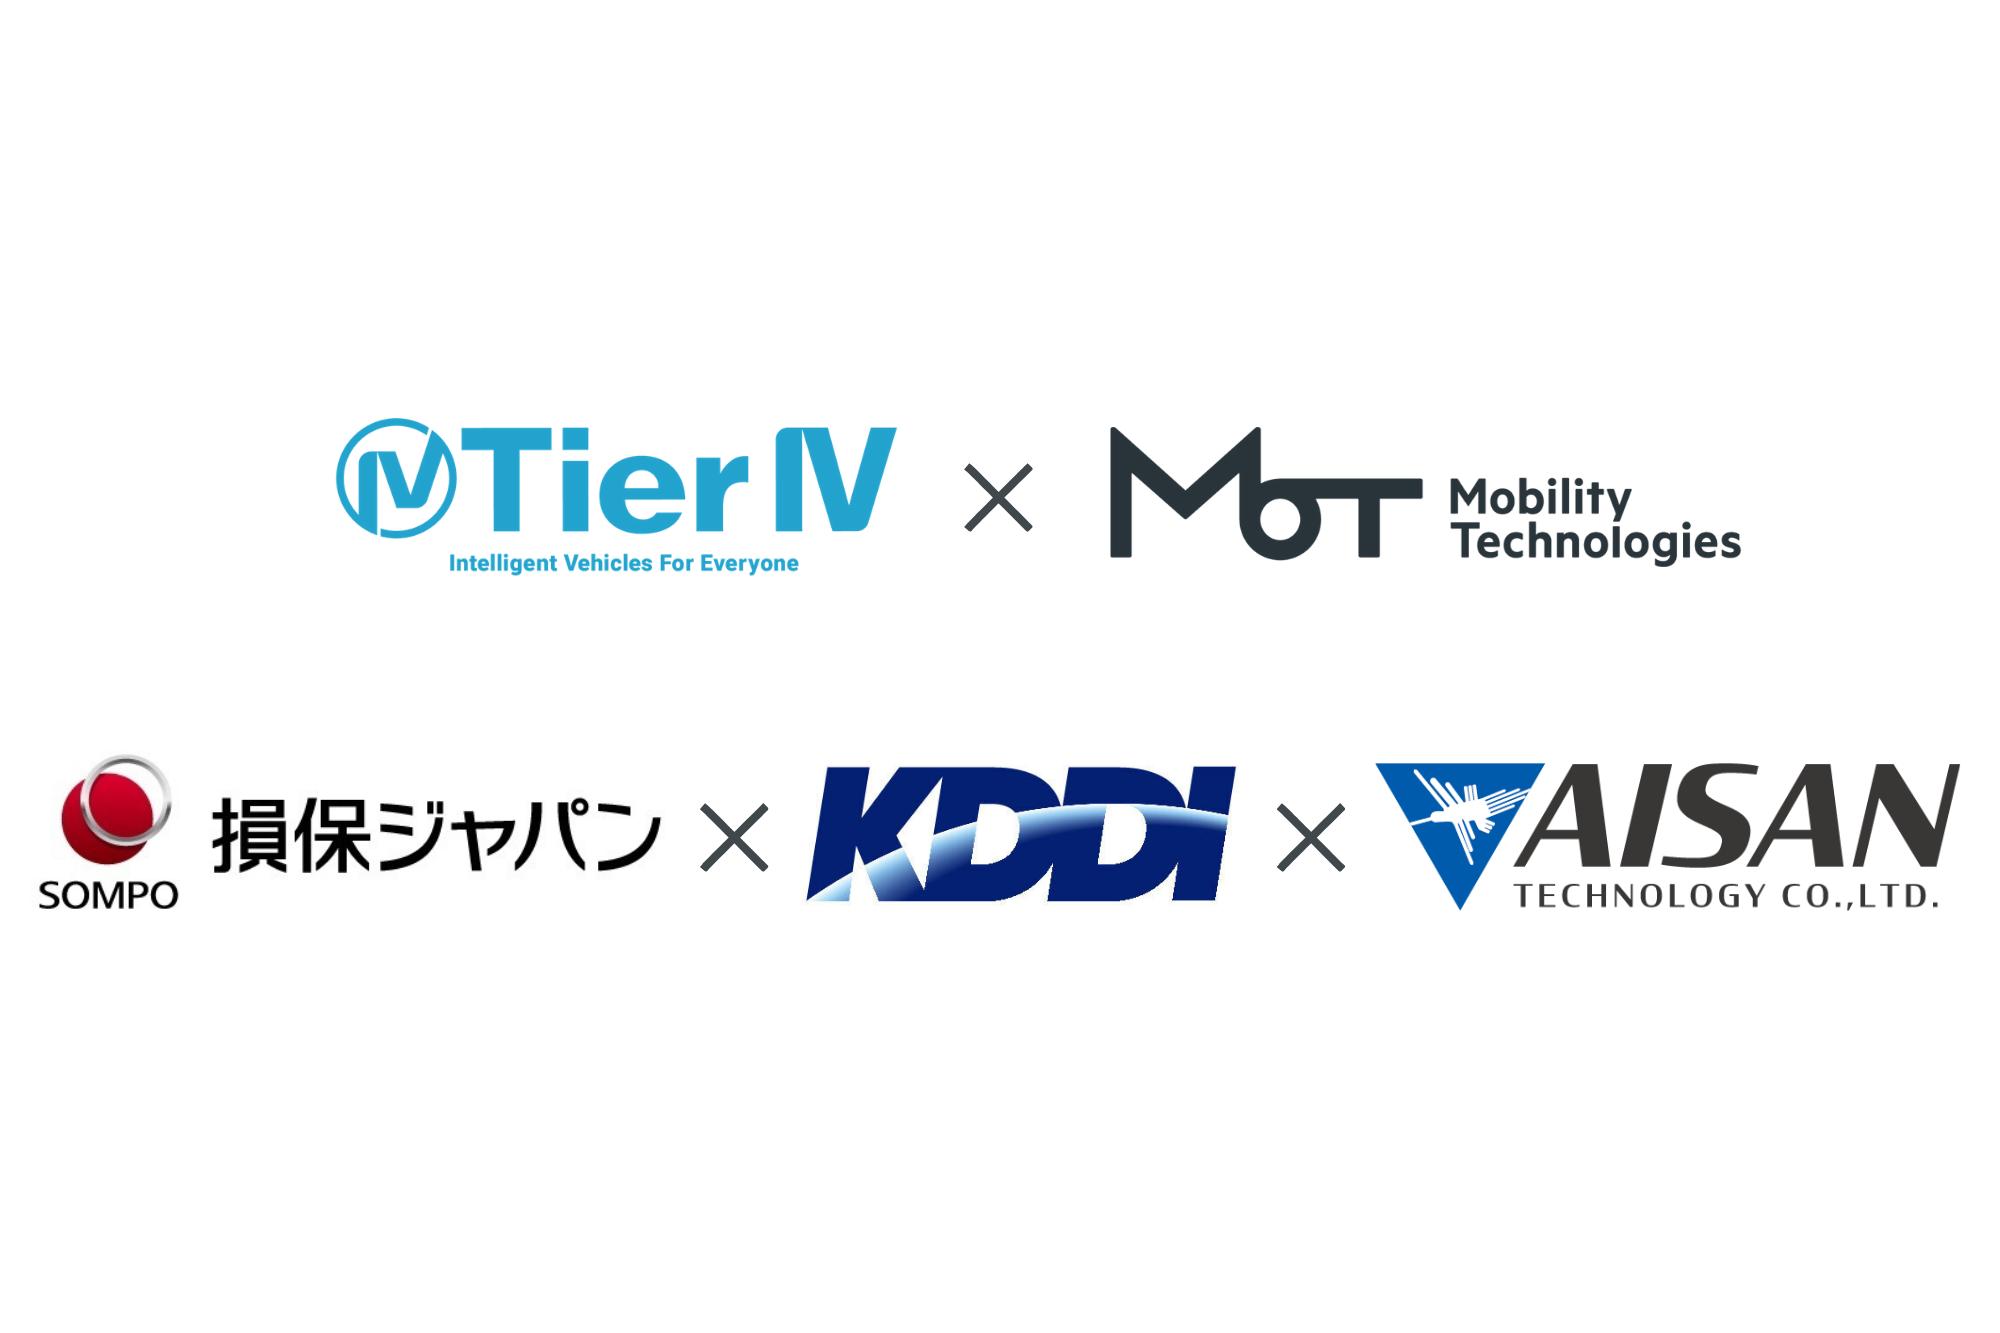 東京都『自動運転技術を活用したビジネスモデル構築に関するプロジェクト』にて 5Gを活用した自動運転タクシーの実証実験を実施 ~事業化に向けて複数車両の同時走行と目的地に応じたルート判別機能を実装~